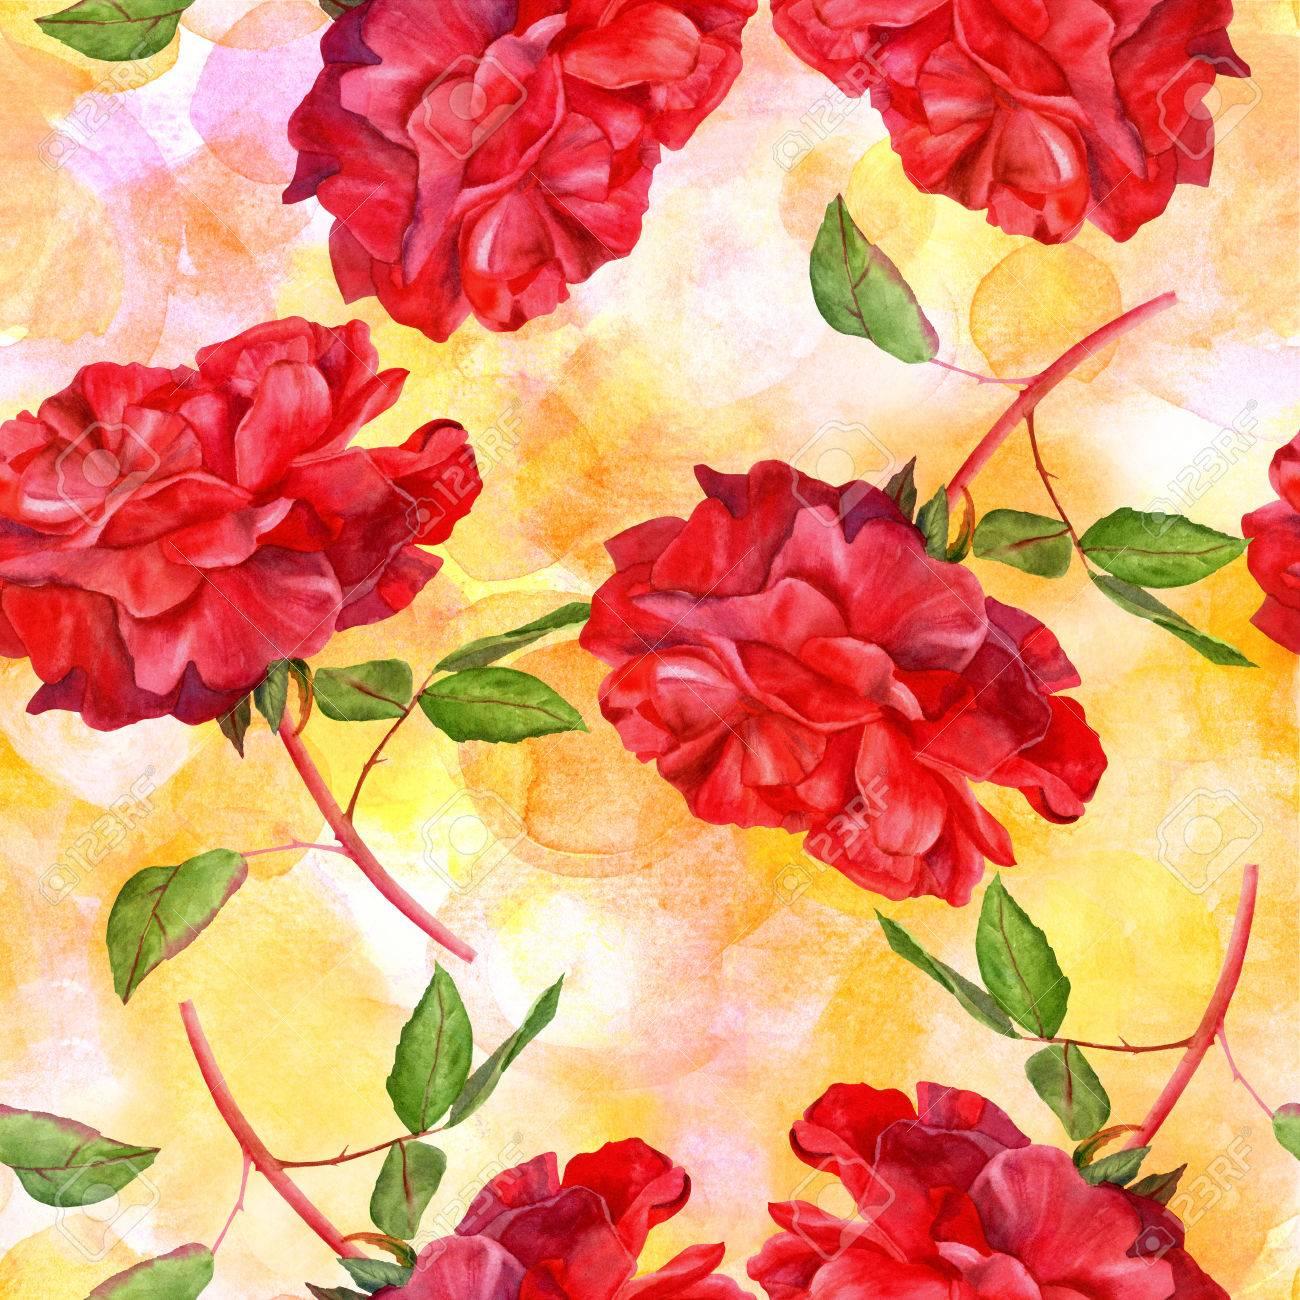 Un Modele Sans Couture Avec Un Dessin Aquarelle D Une Rose Rouge En